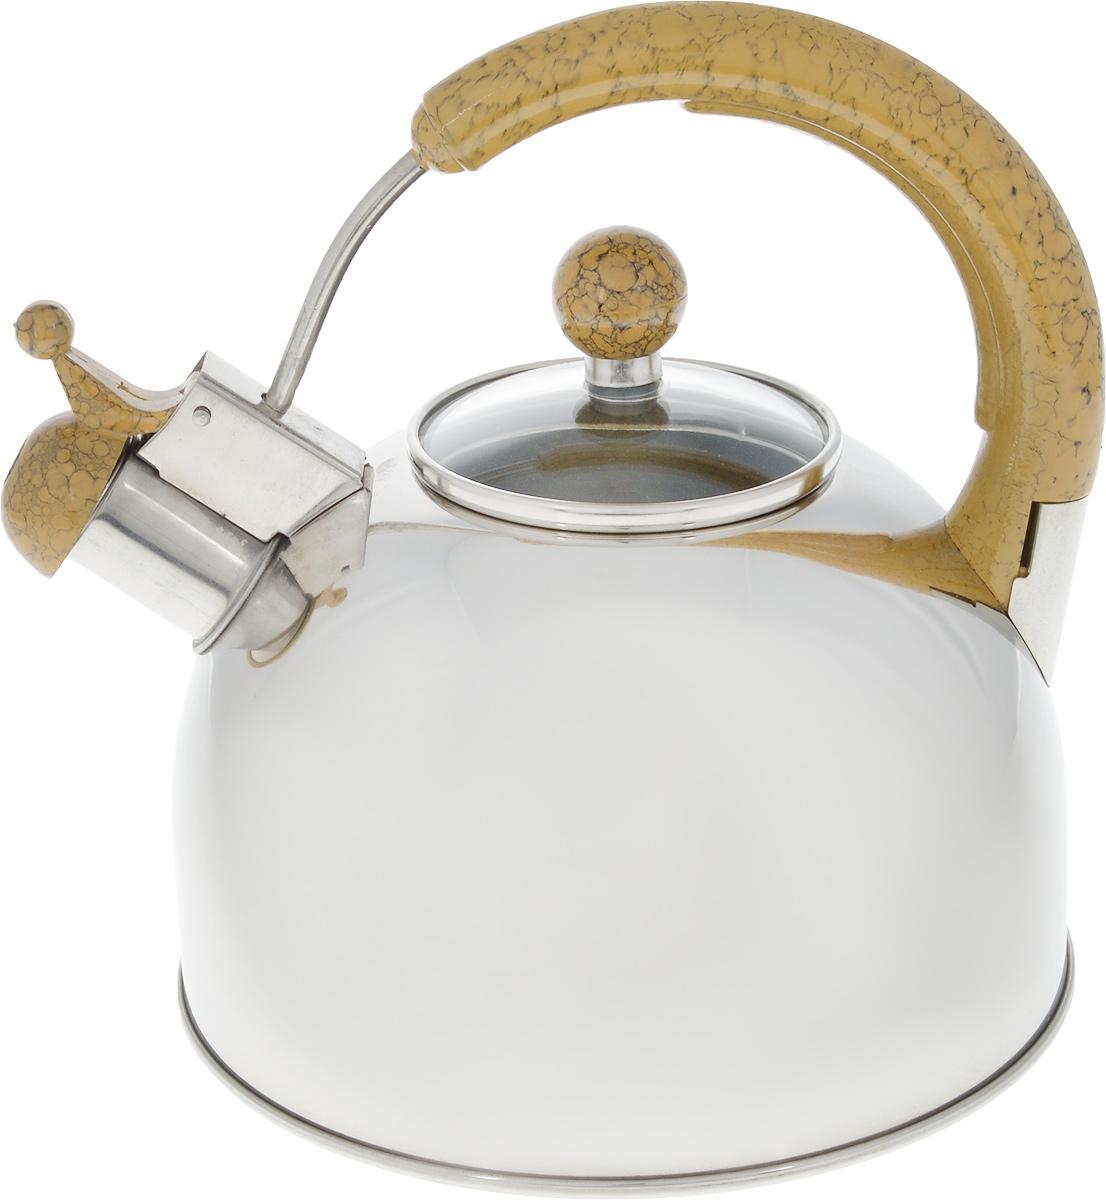 Чайник Bekker Koch со свистком, цвет: металлик, бежевый, 4,5 л контейнер пищевой вакуумный bekker koch прямоугольный 1 1 л